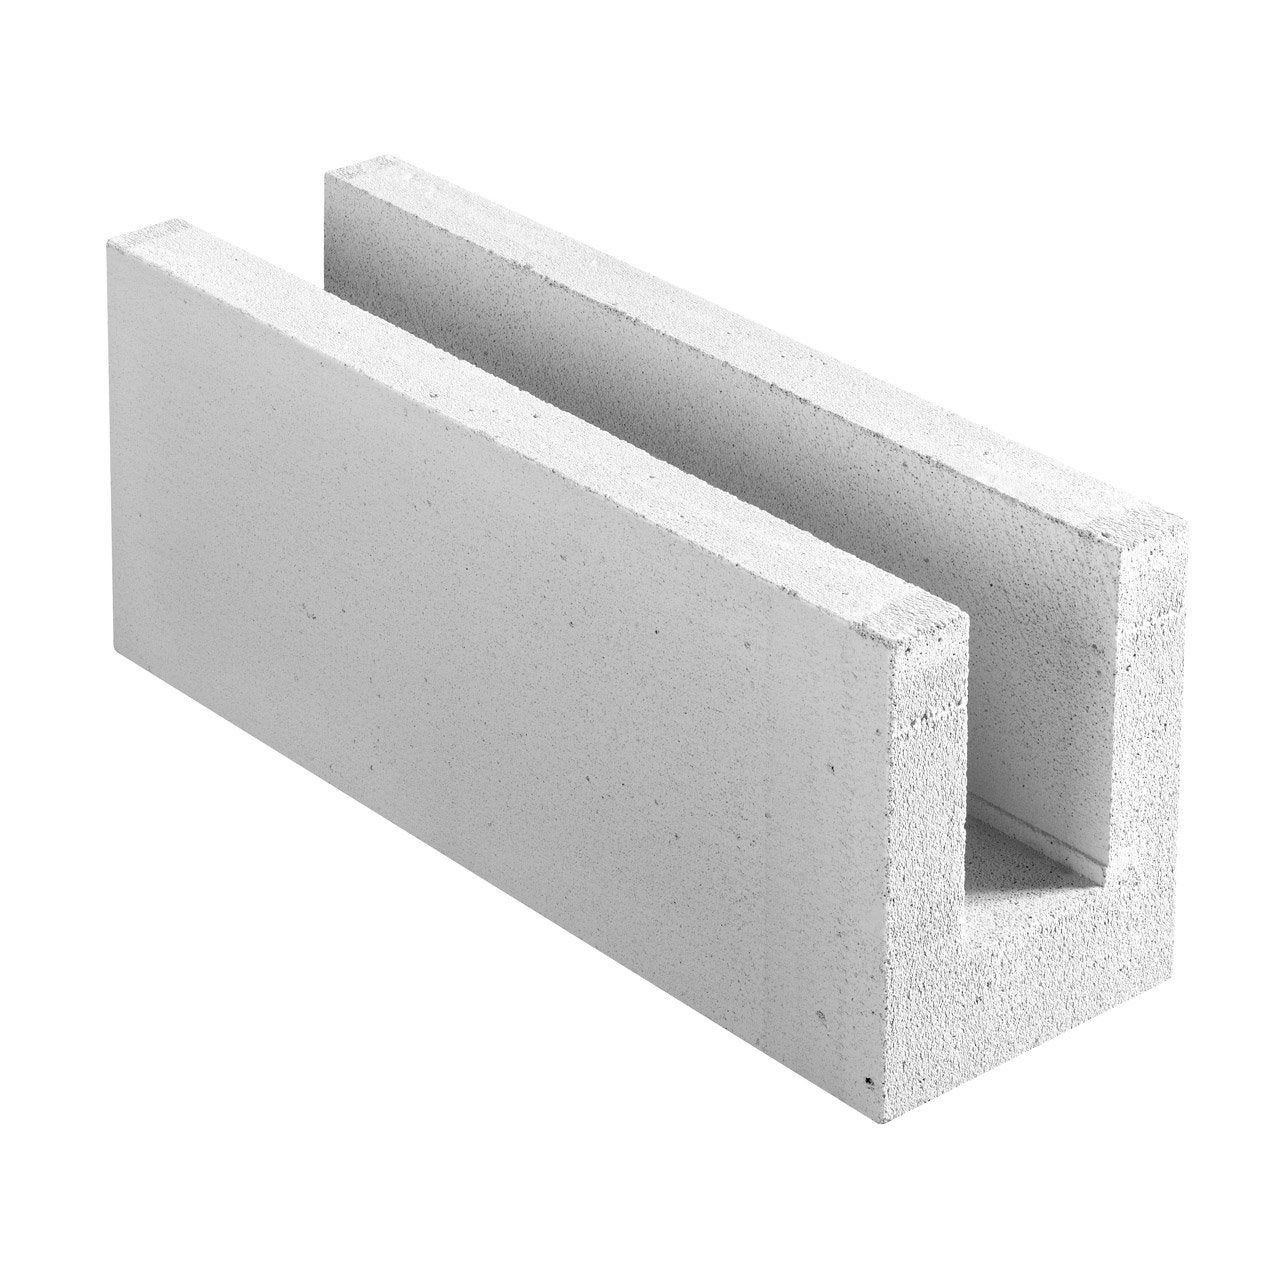 Bloc Beton Cellulaire L 62 5 X L 25 X Ep 20 Cm Siporex Bloc Beton Cellulaire Beton Cellulaire Et Beton